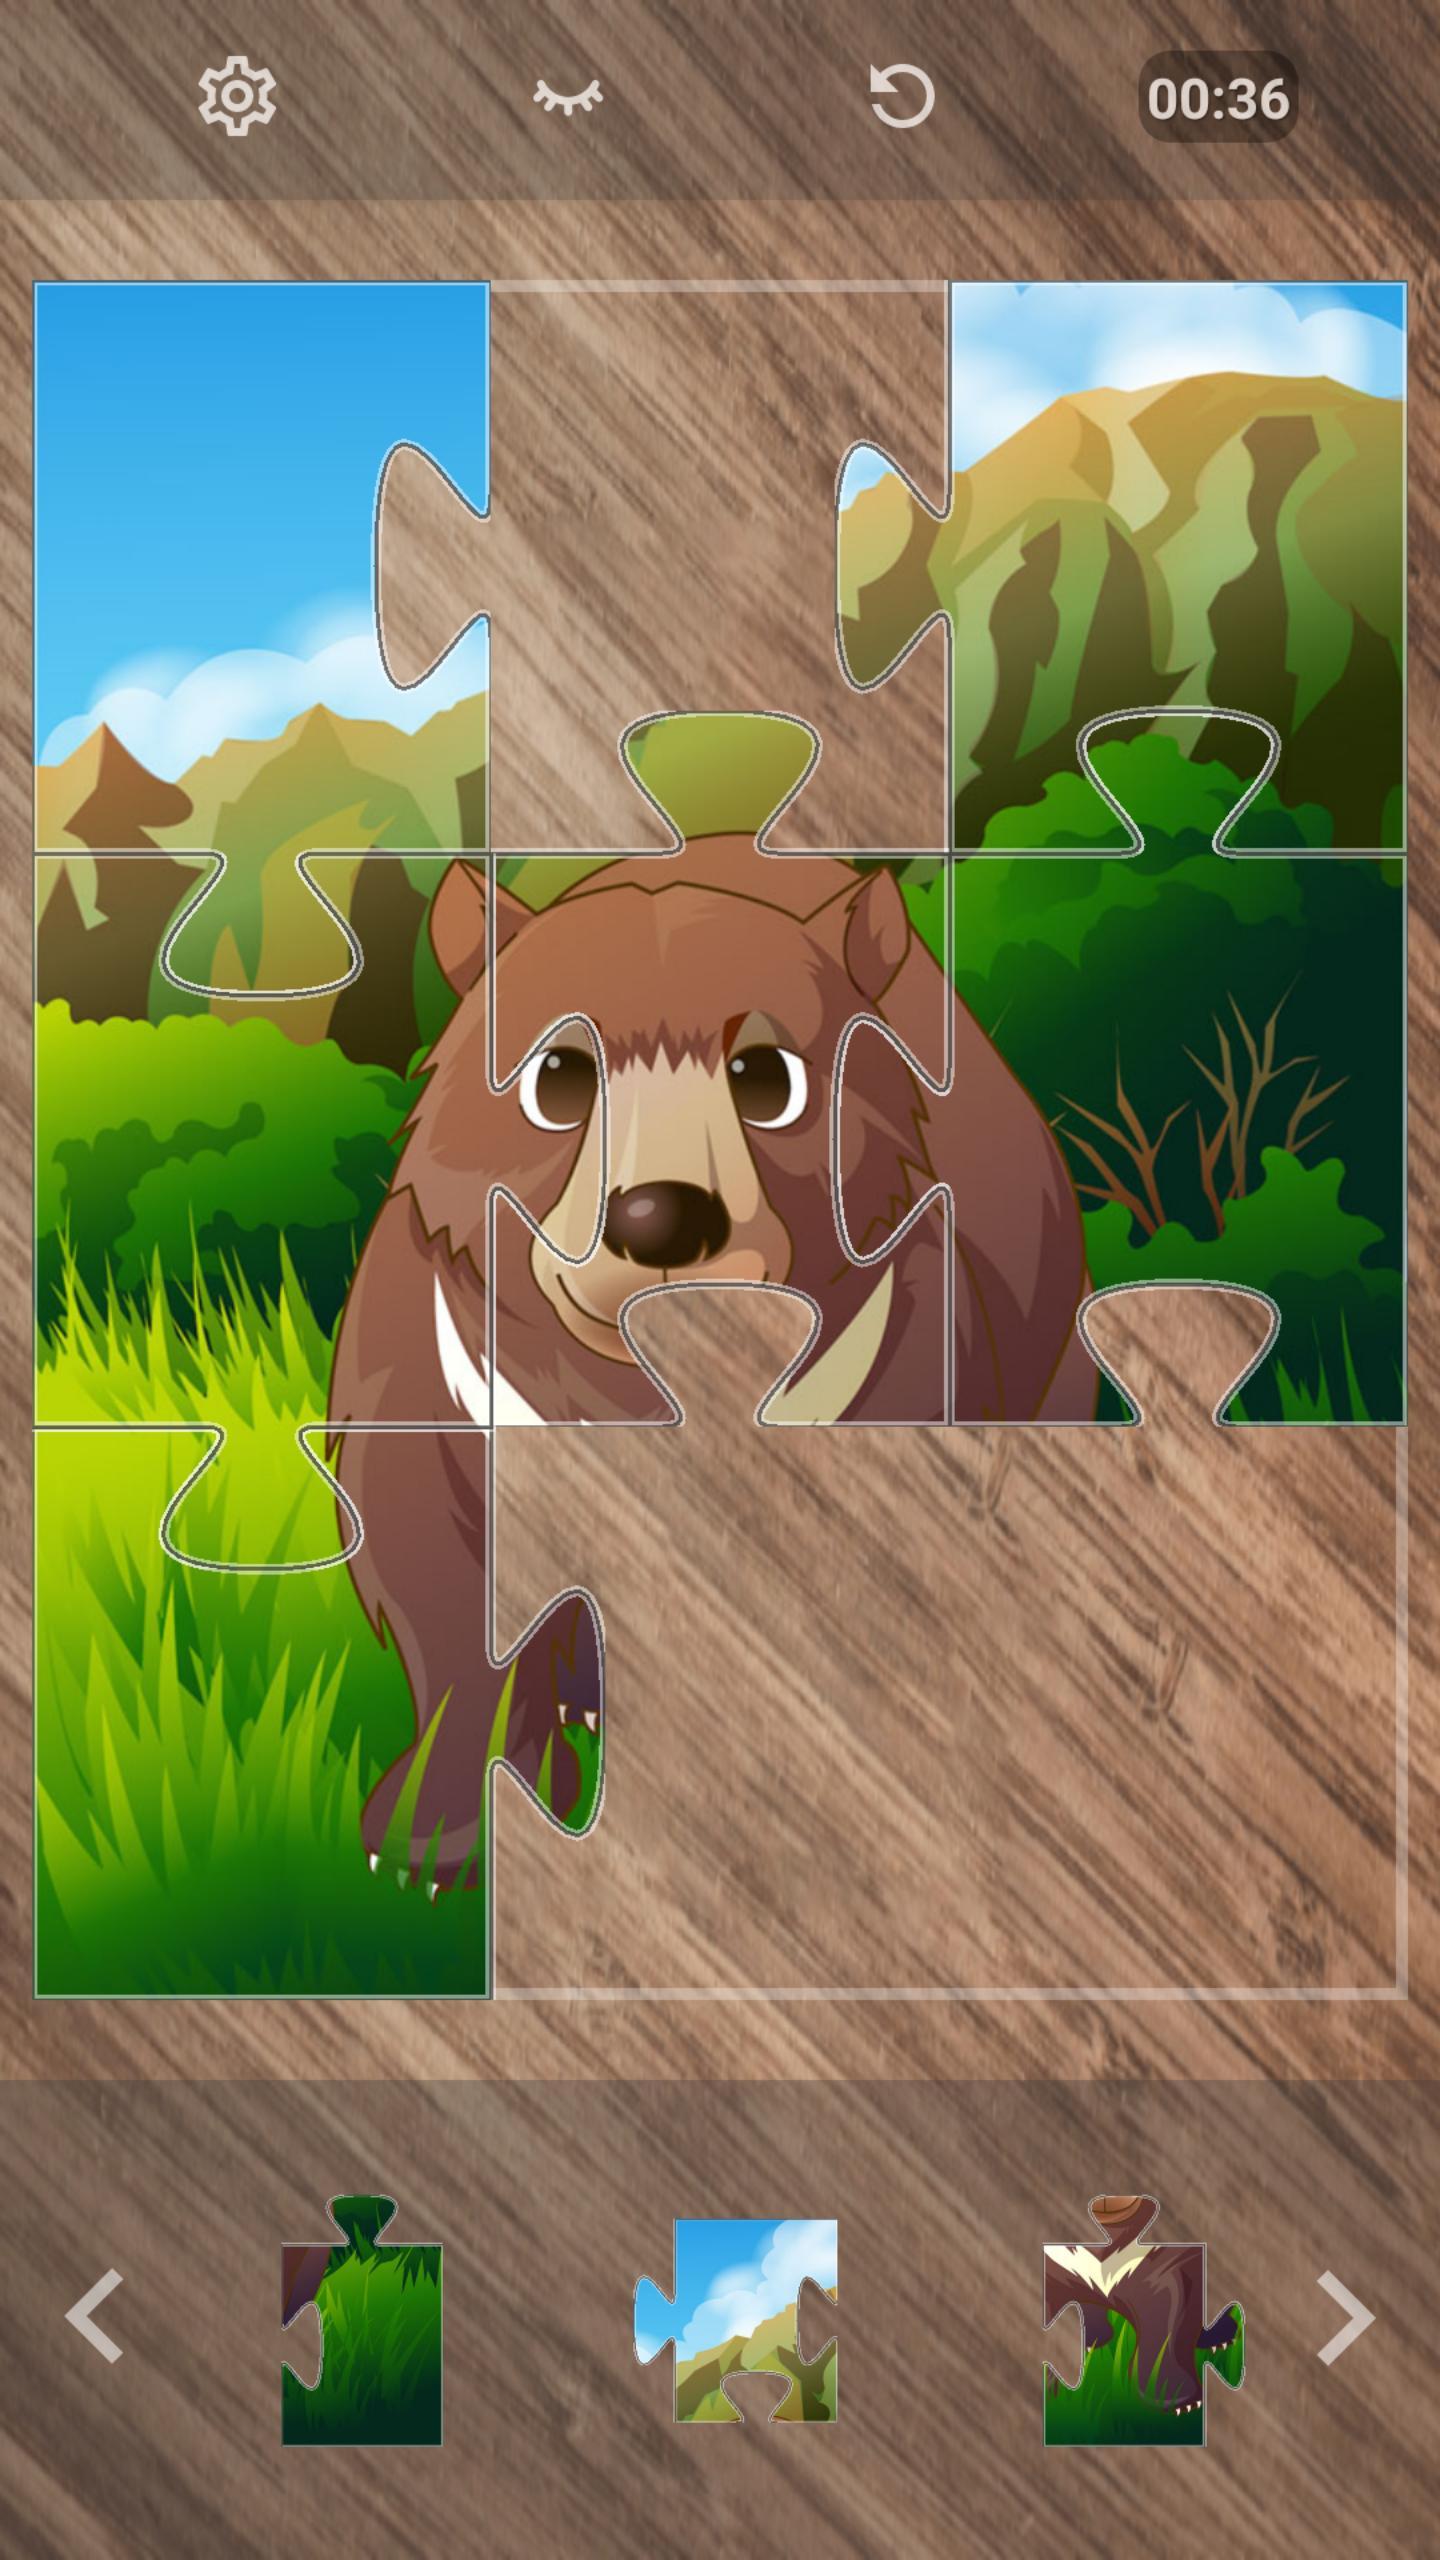 Jeux De Puzzle D'animaux Gratuit Pour Android - Téléchargez avec Puzzles Gratuits Pour Tous